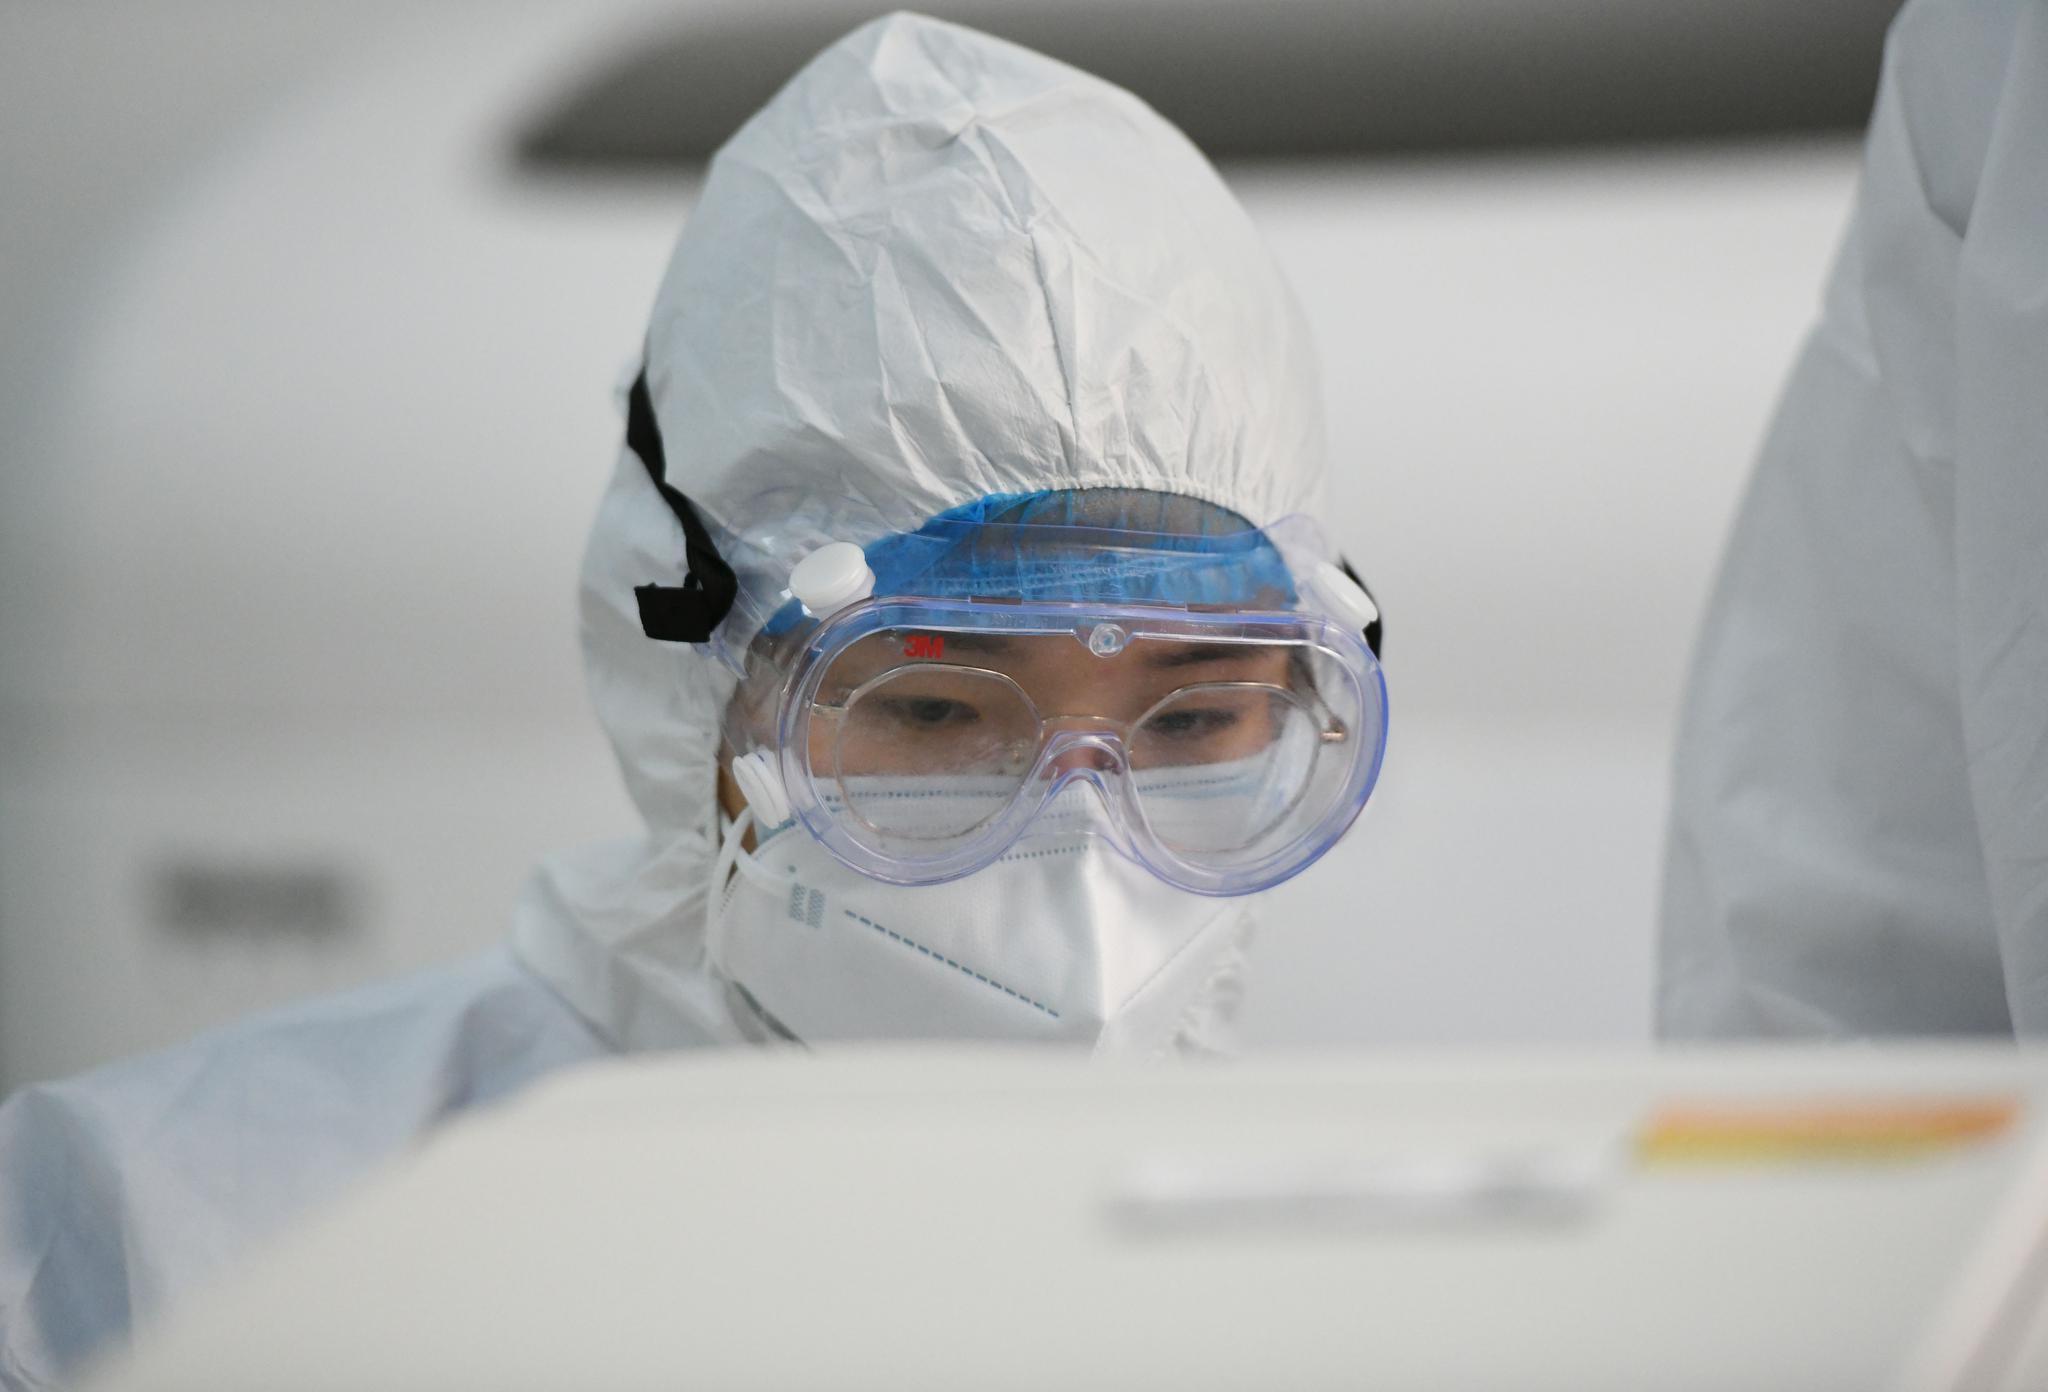 國家醫保局:疫情防控所需要的藥品和醫用耗材,可由醫療機構先在網下采購應急使用